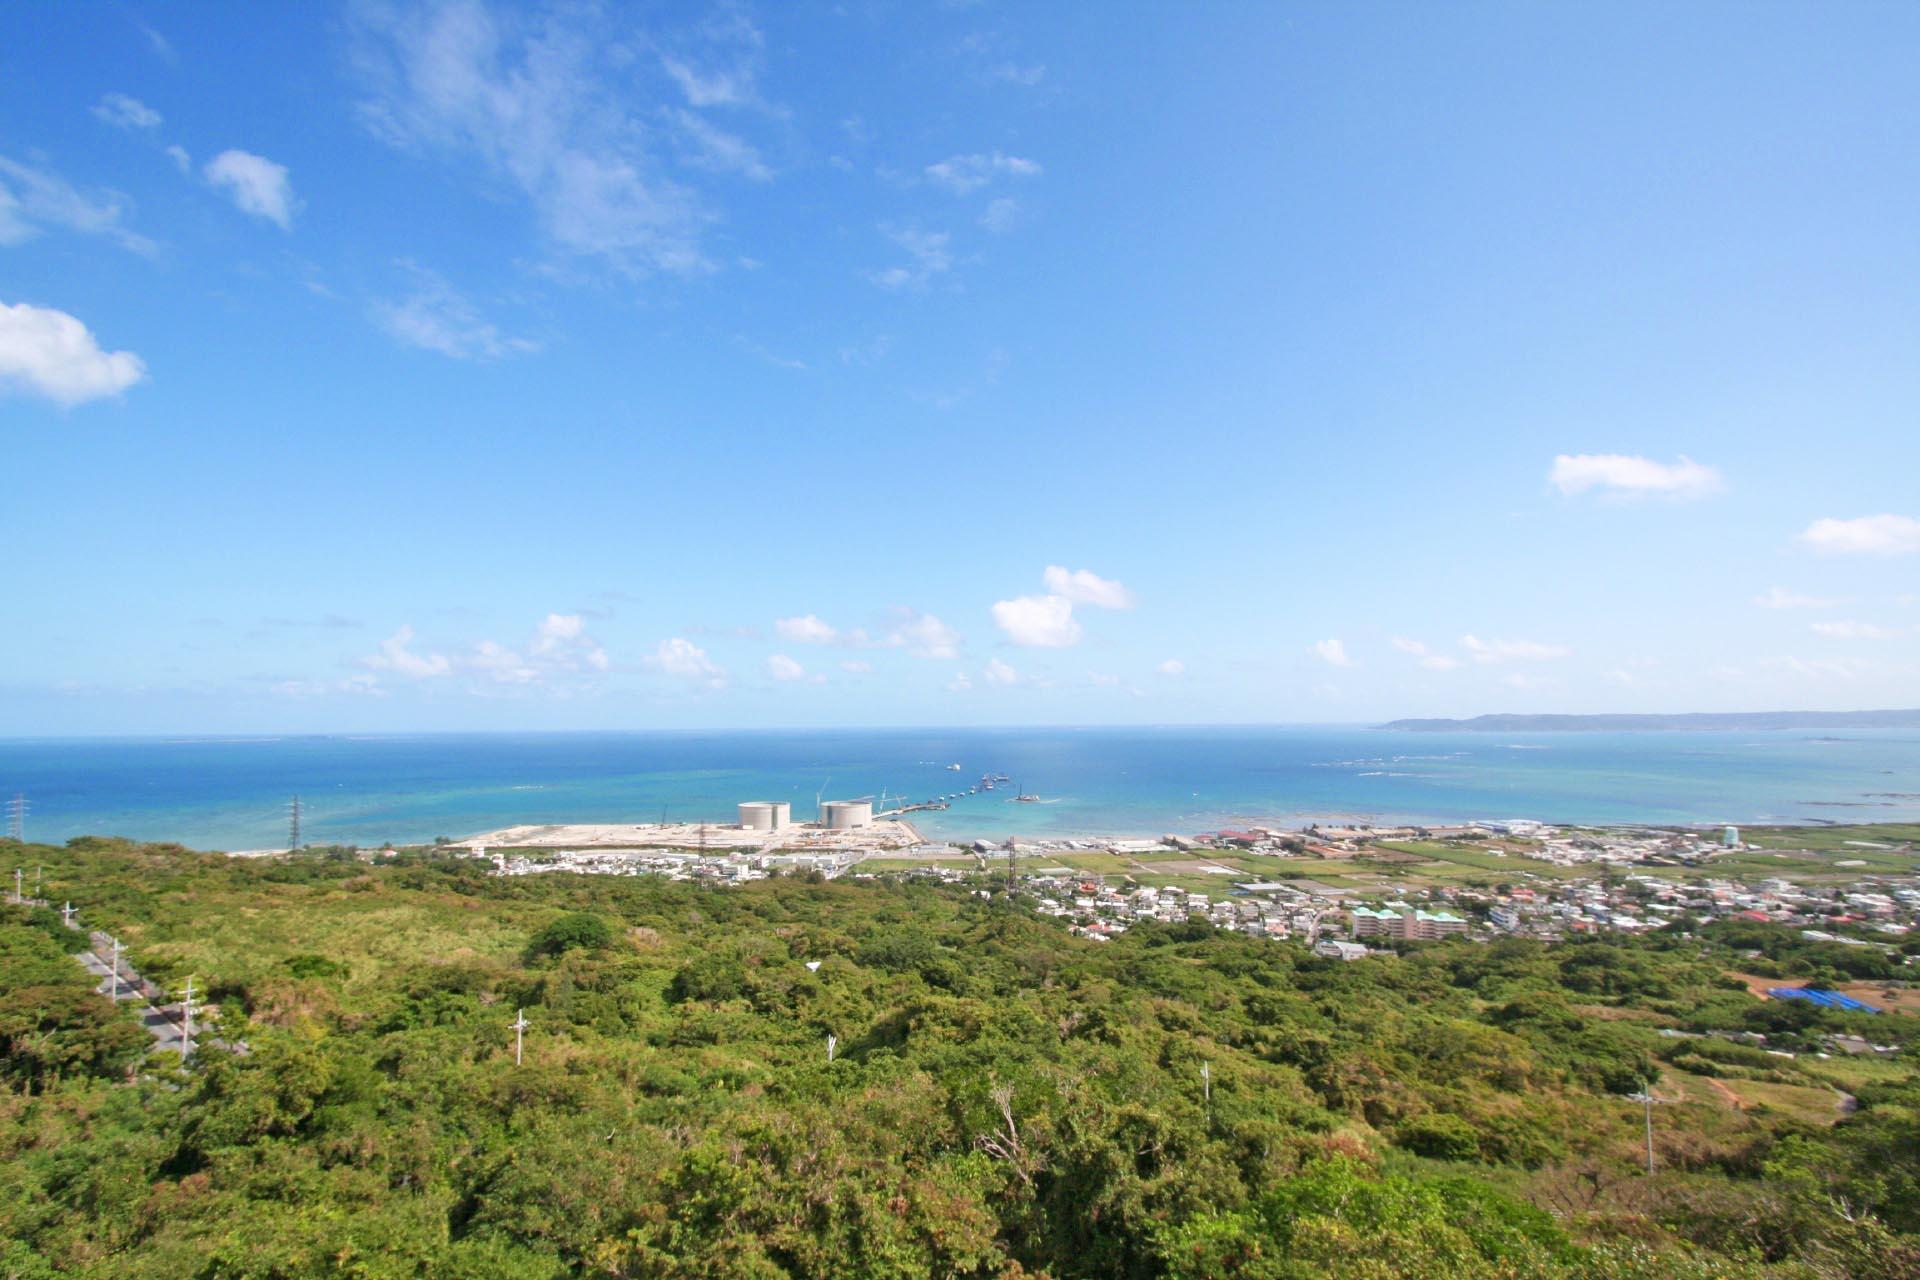 中城城跡から見る風景 沖縄の風景